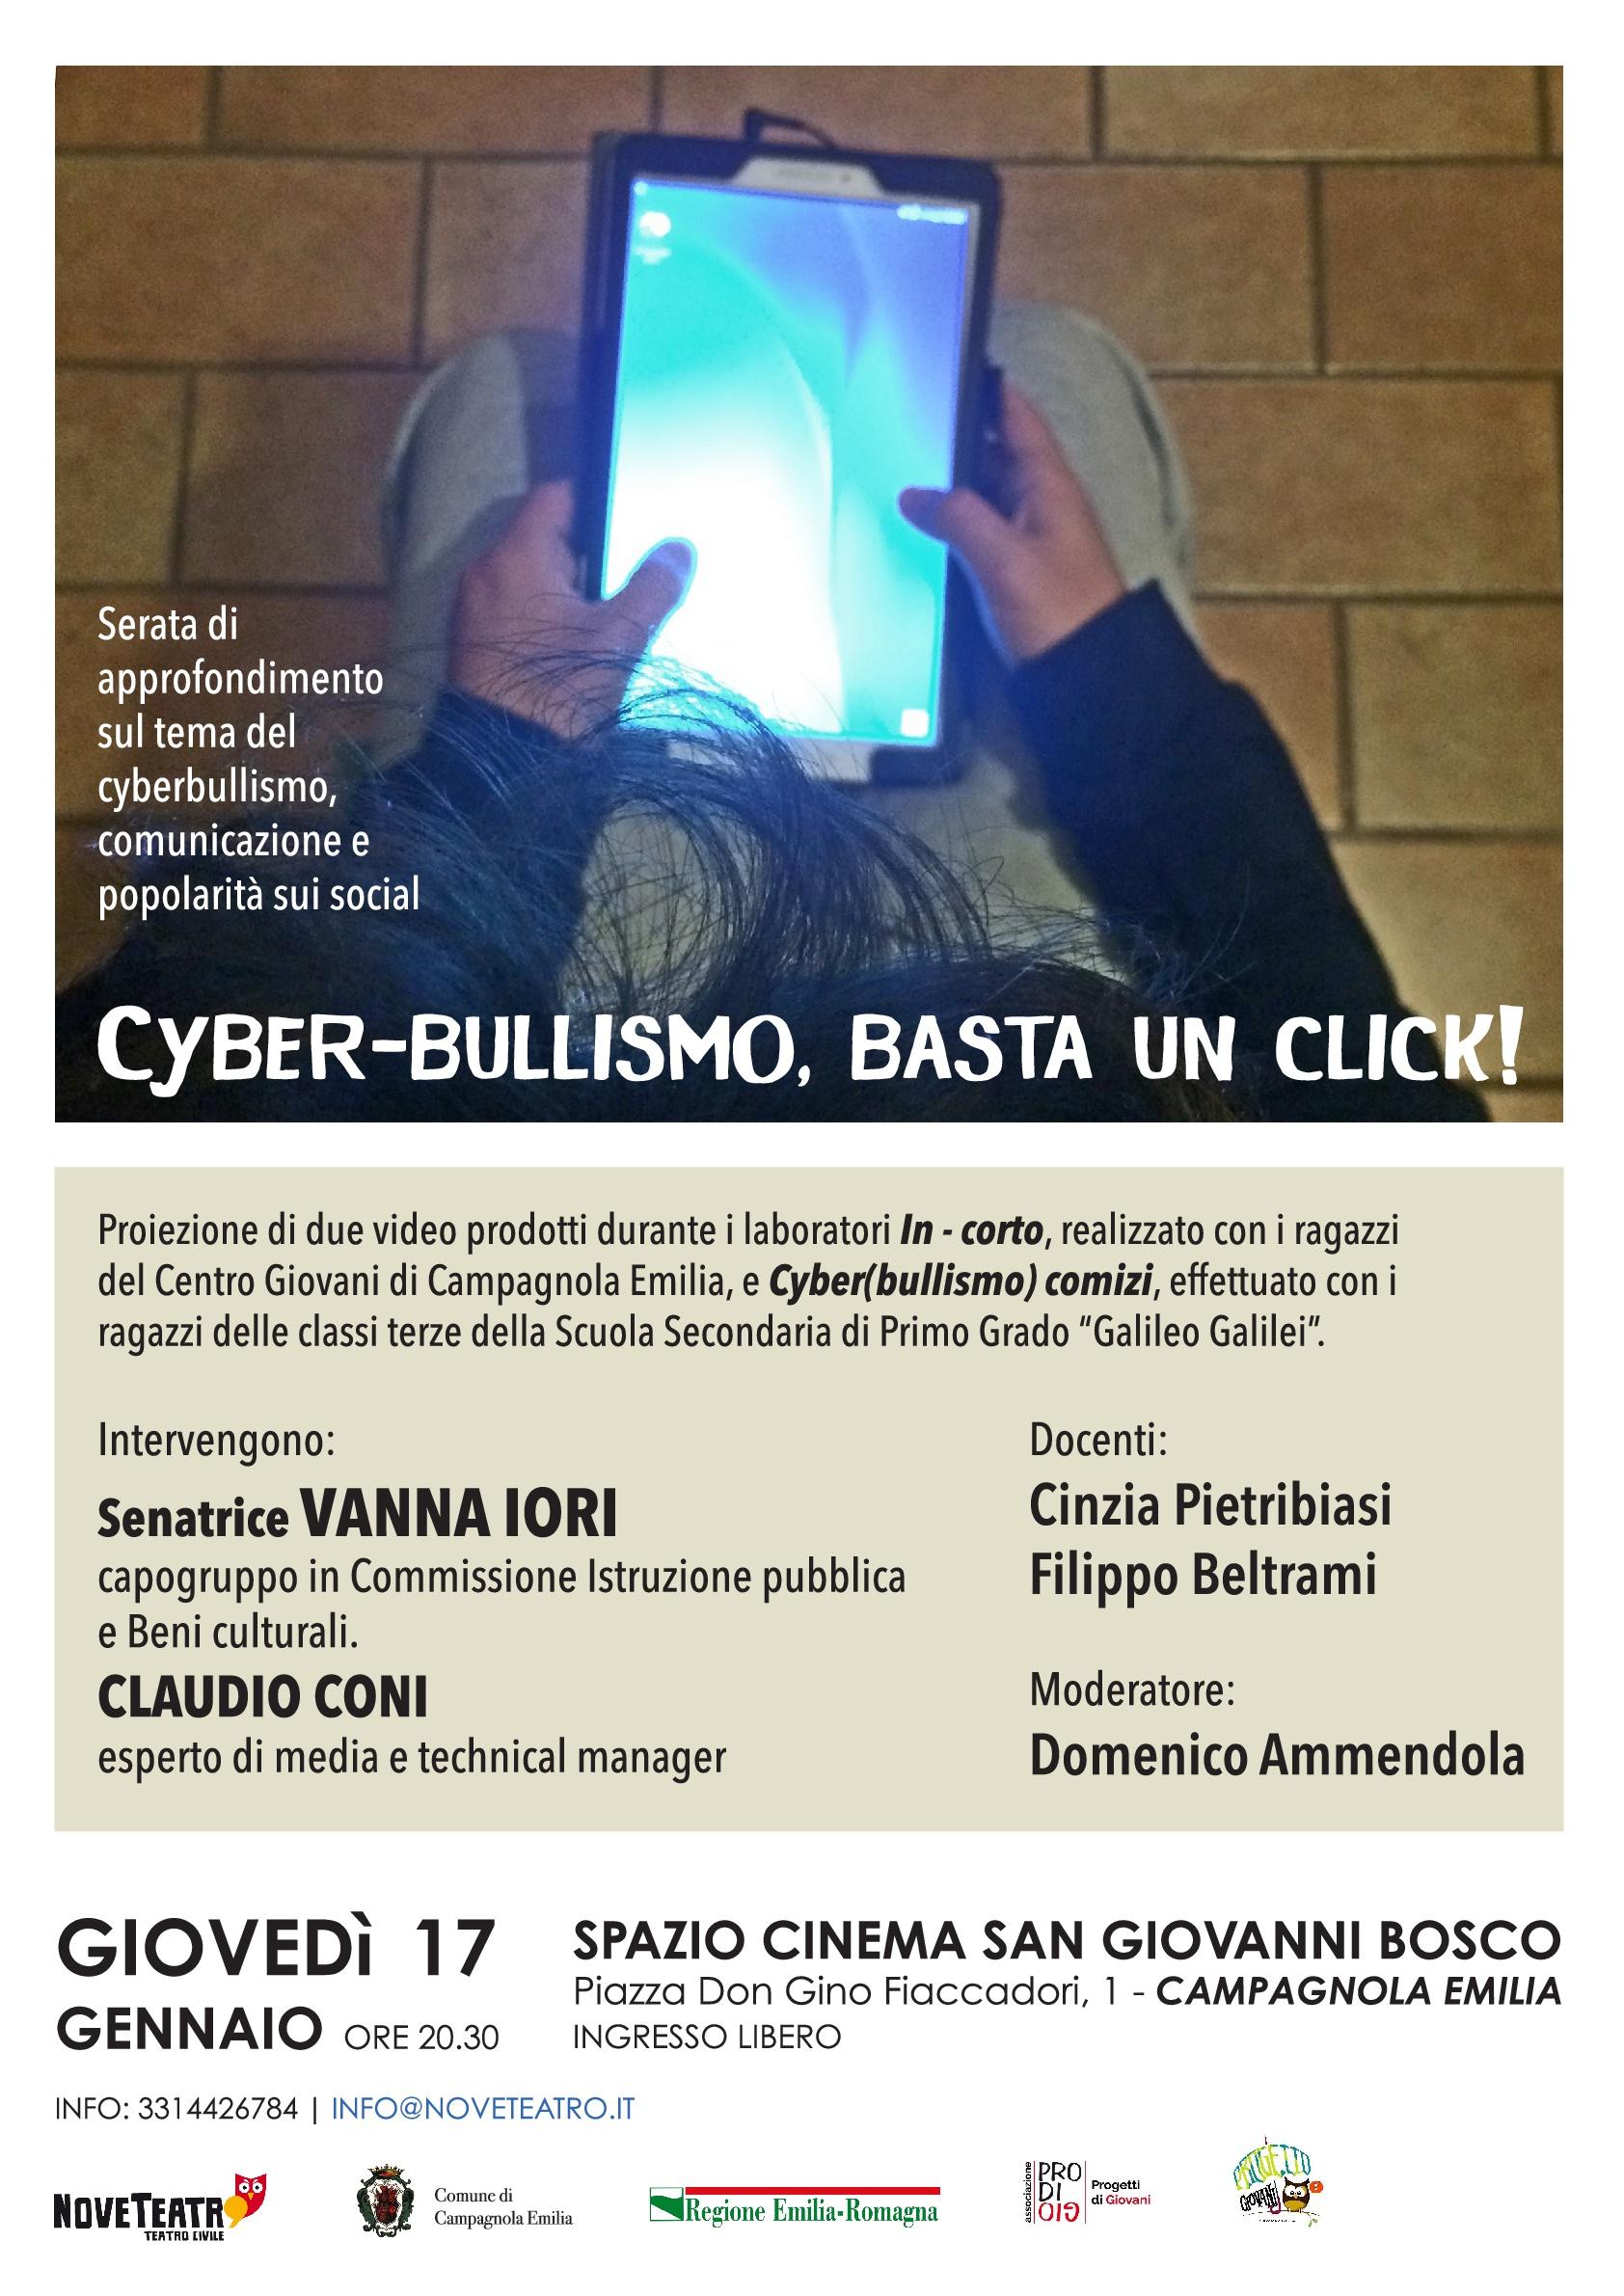 cyberbullismo-17-1-campagnola